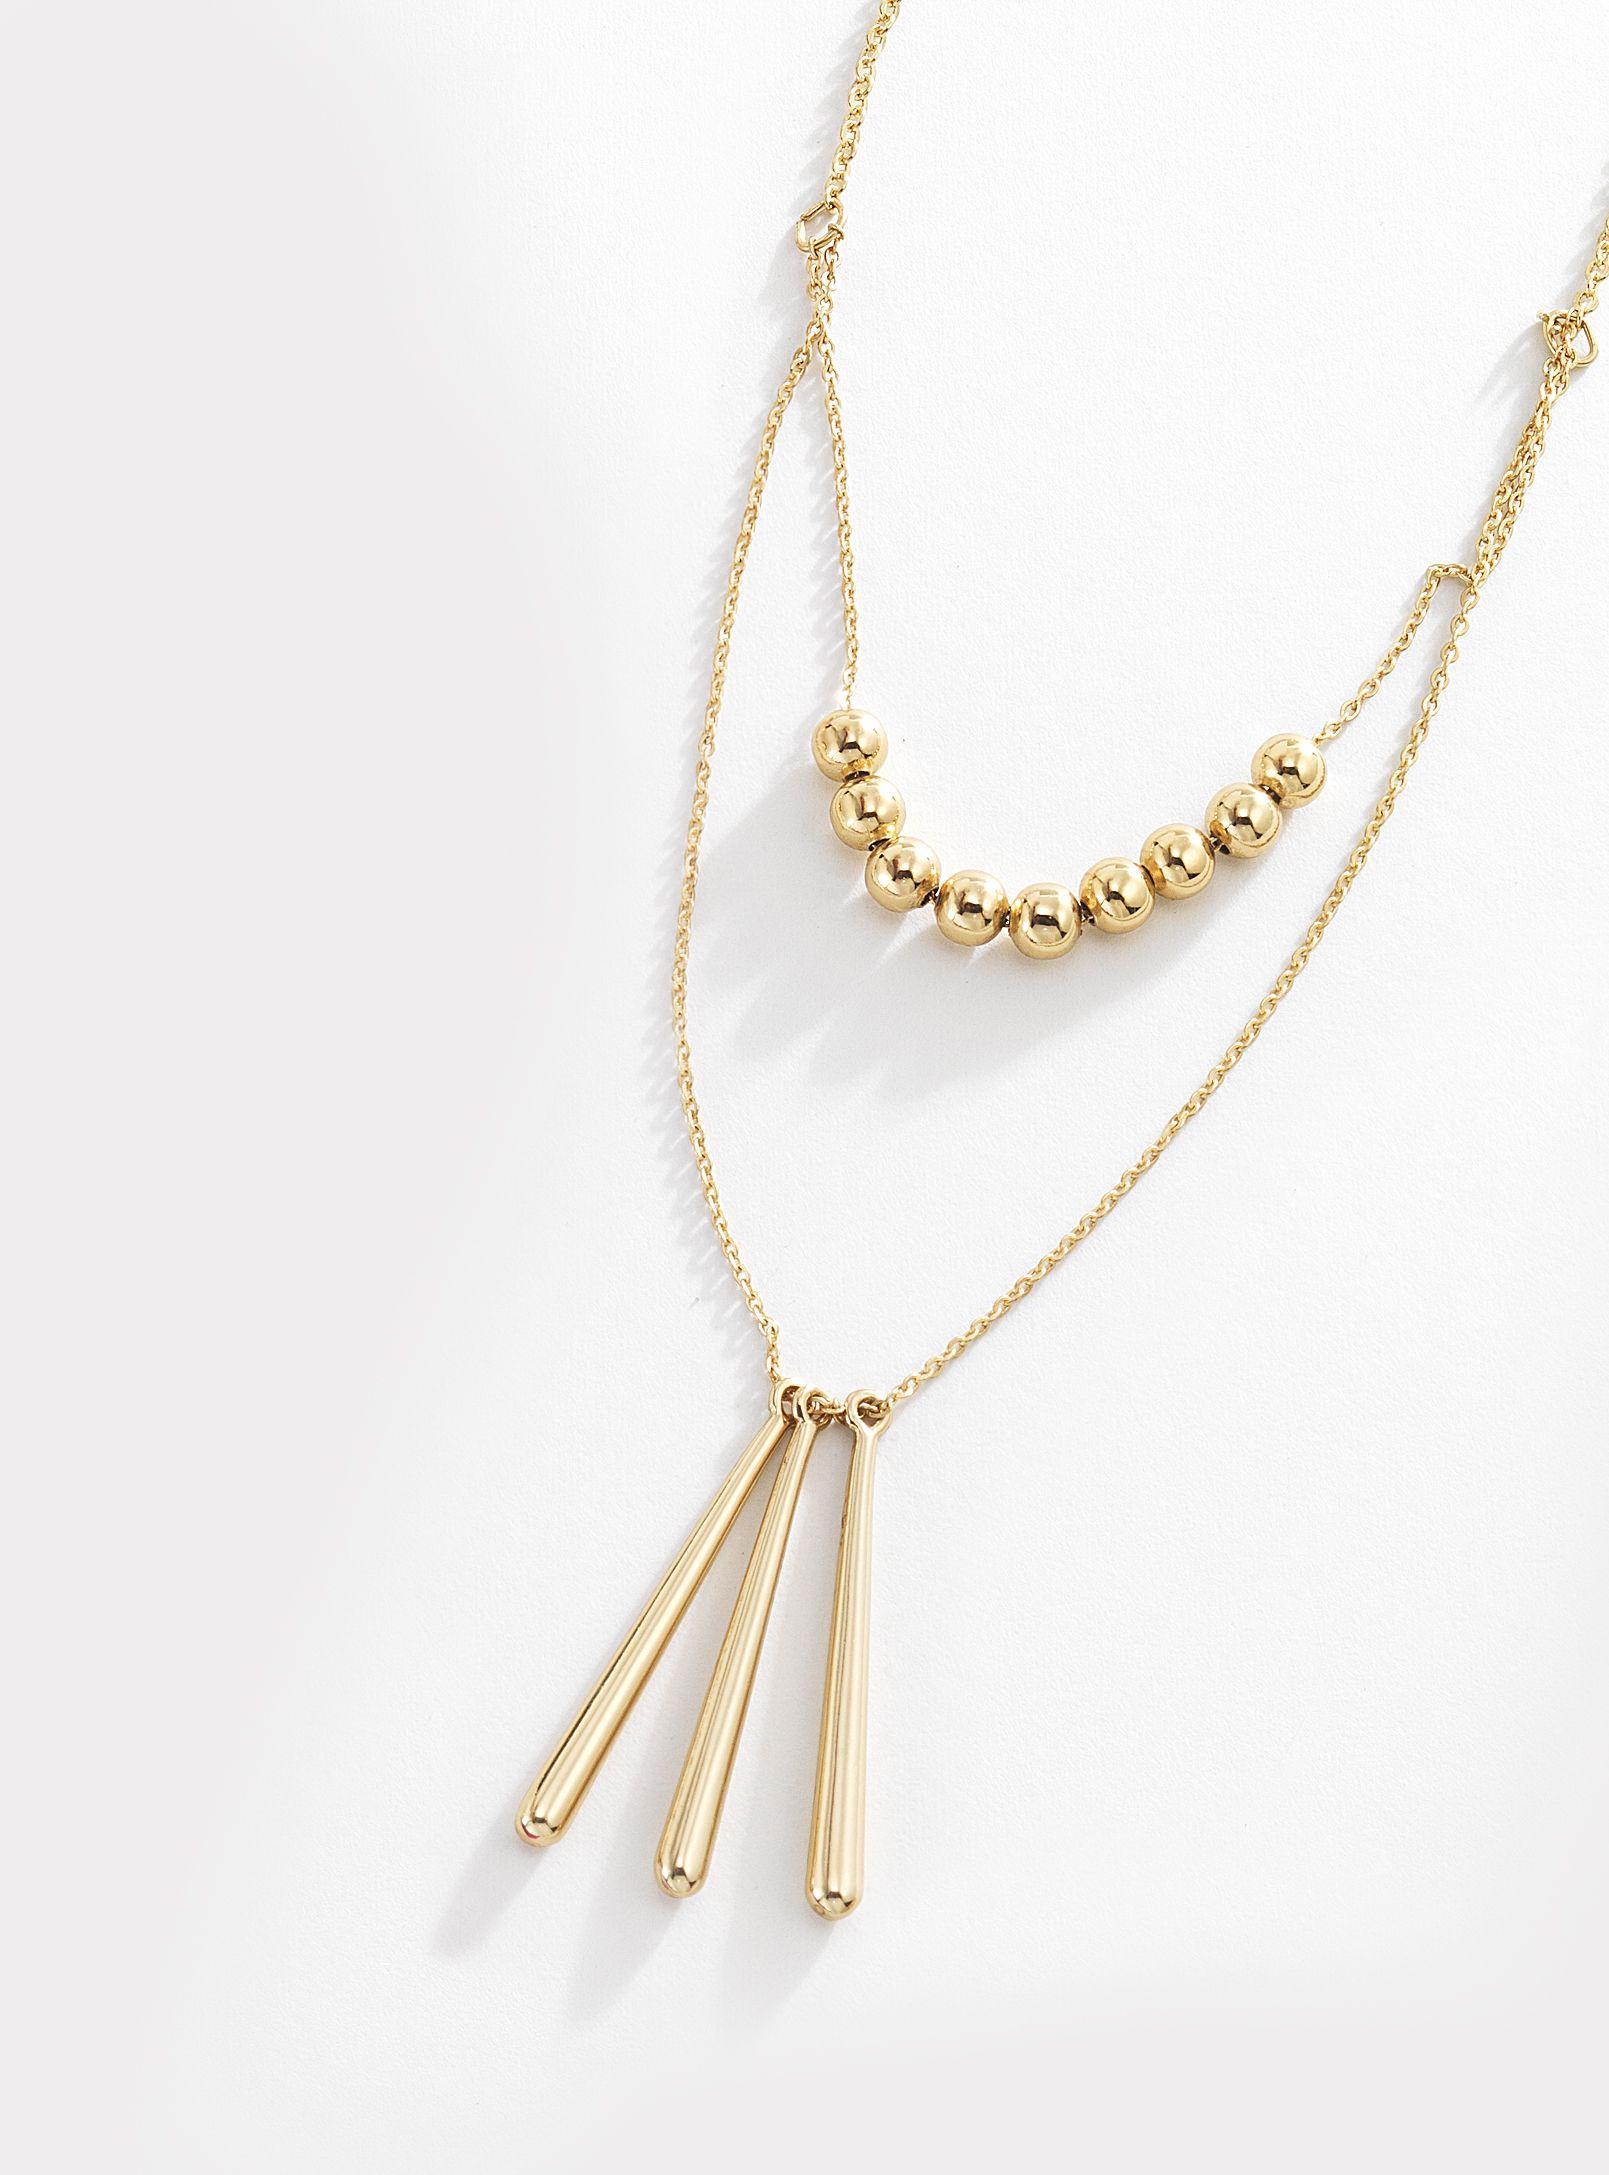 e8db38e4964c Collar compuesto por doble cadena con colgantes